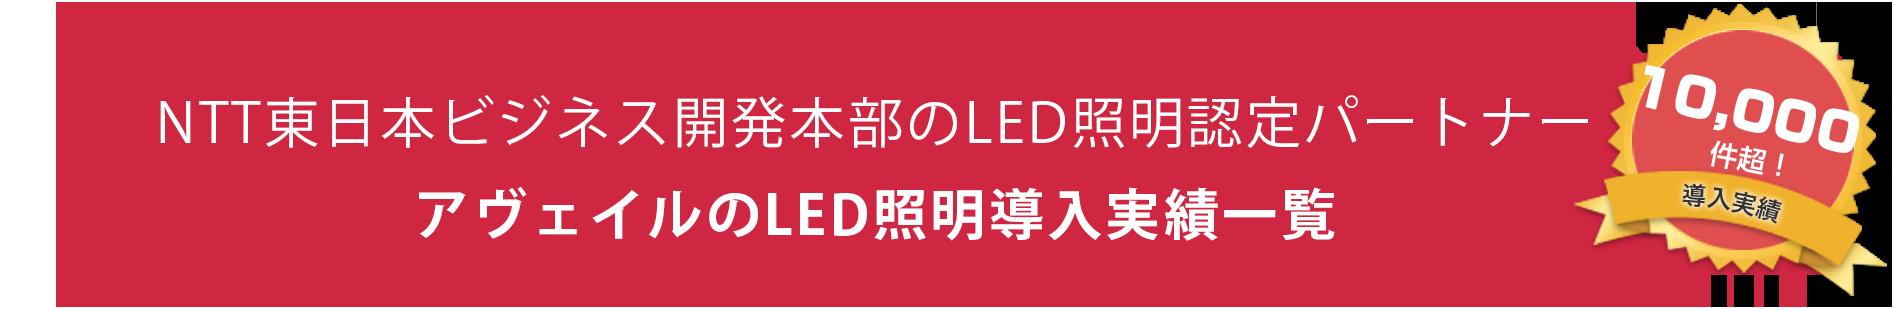 NTT東日本ビジネス開発本部のLED照明認定パートナー アヴェイルのLED照明導入実績一覧 10,000件超!